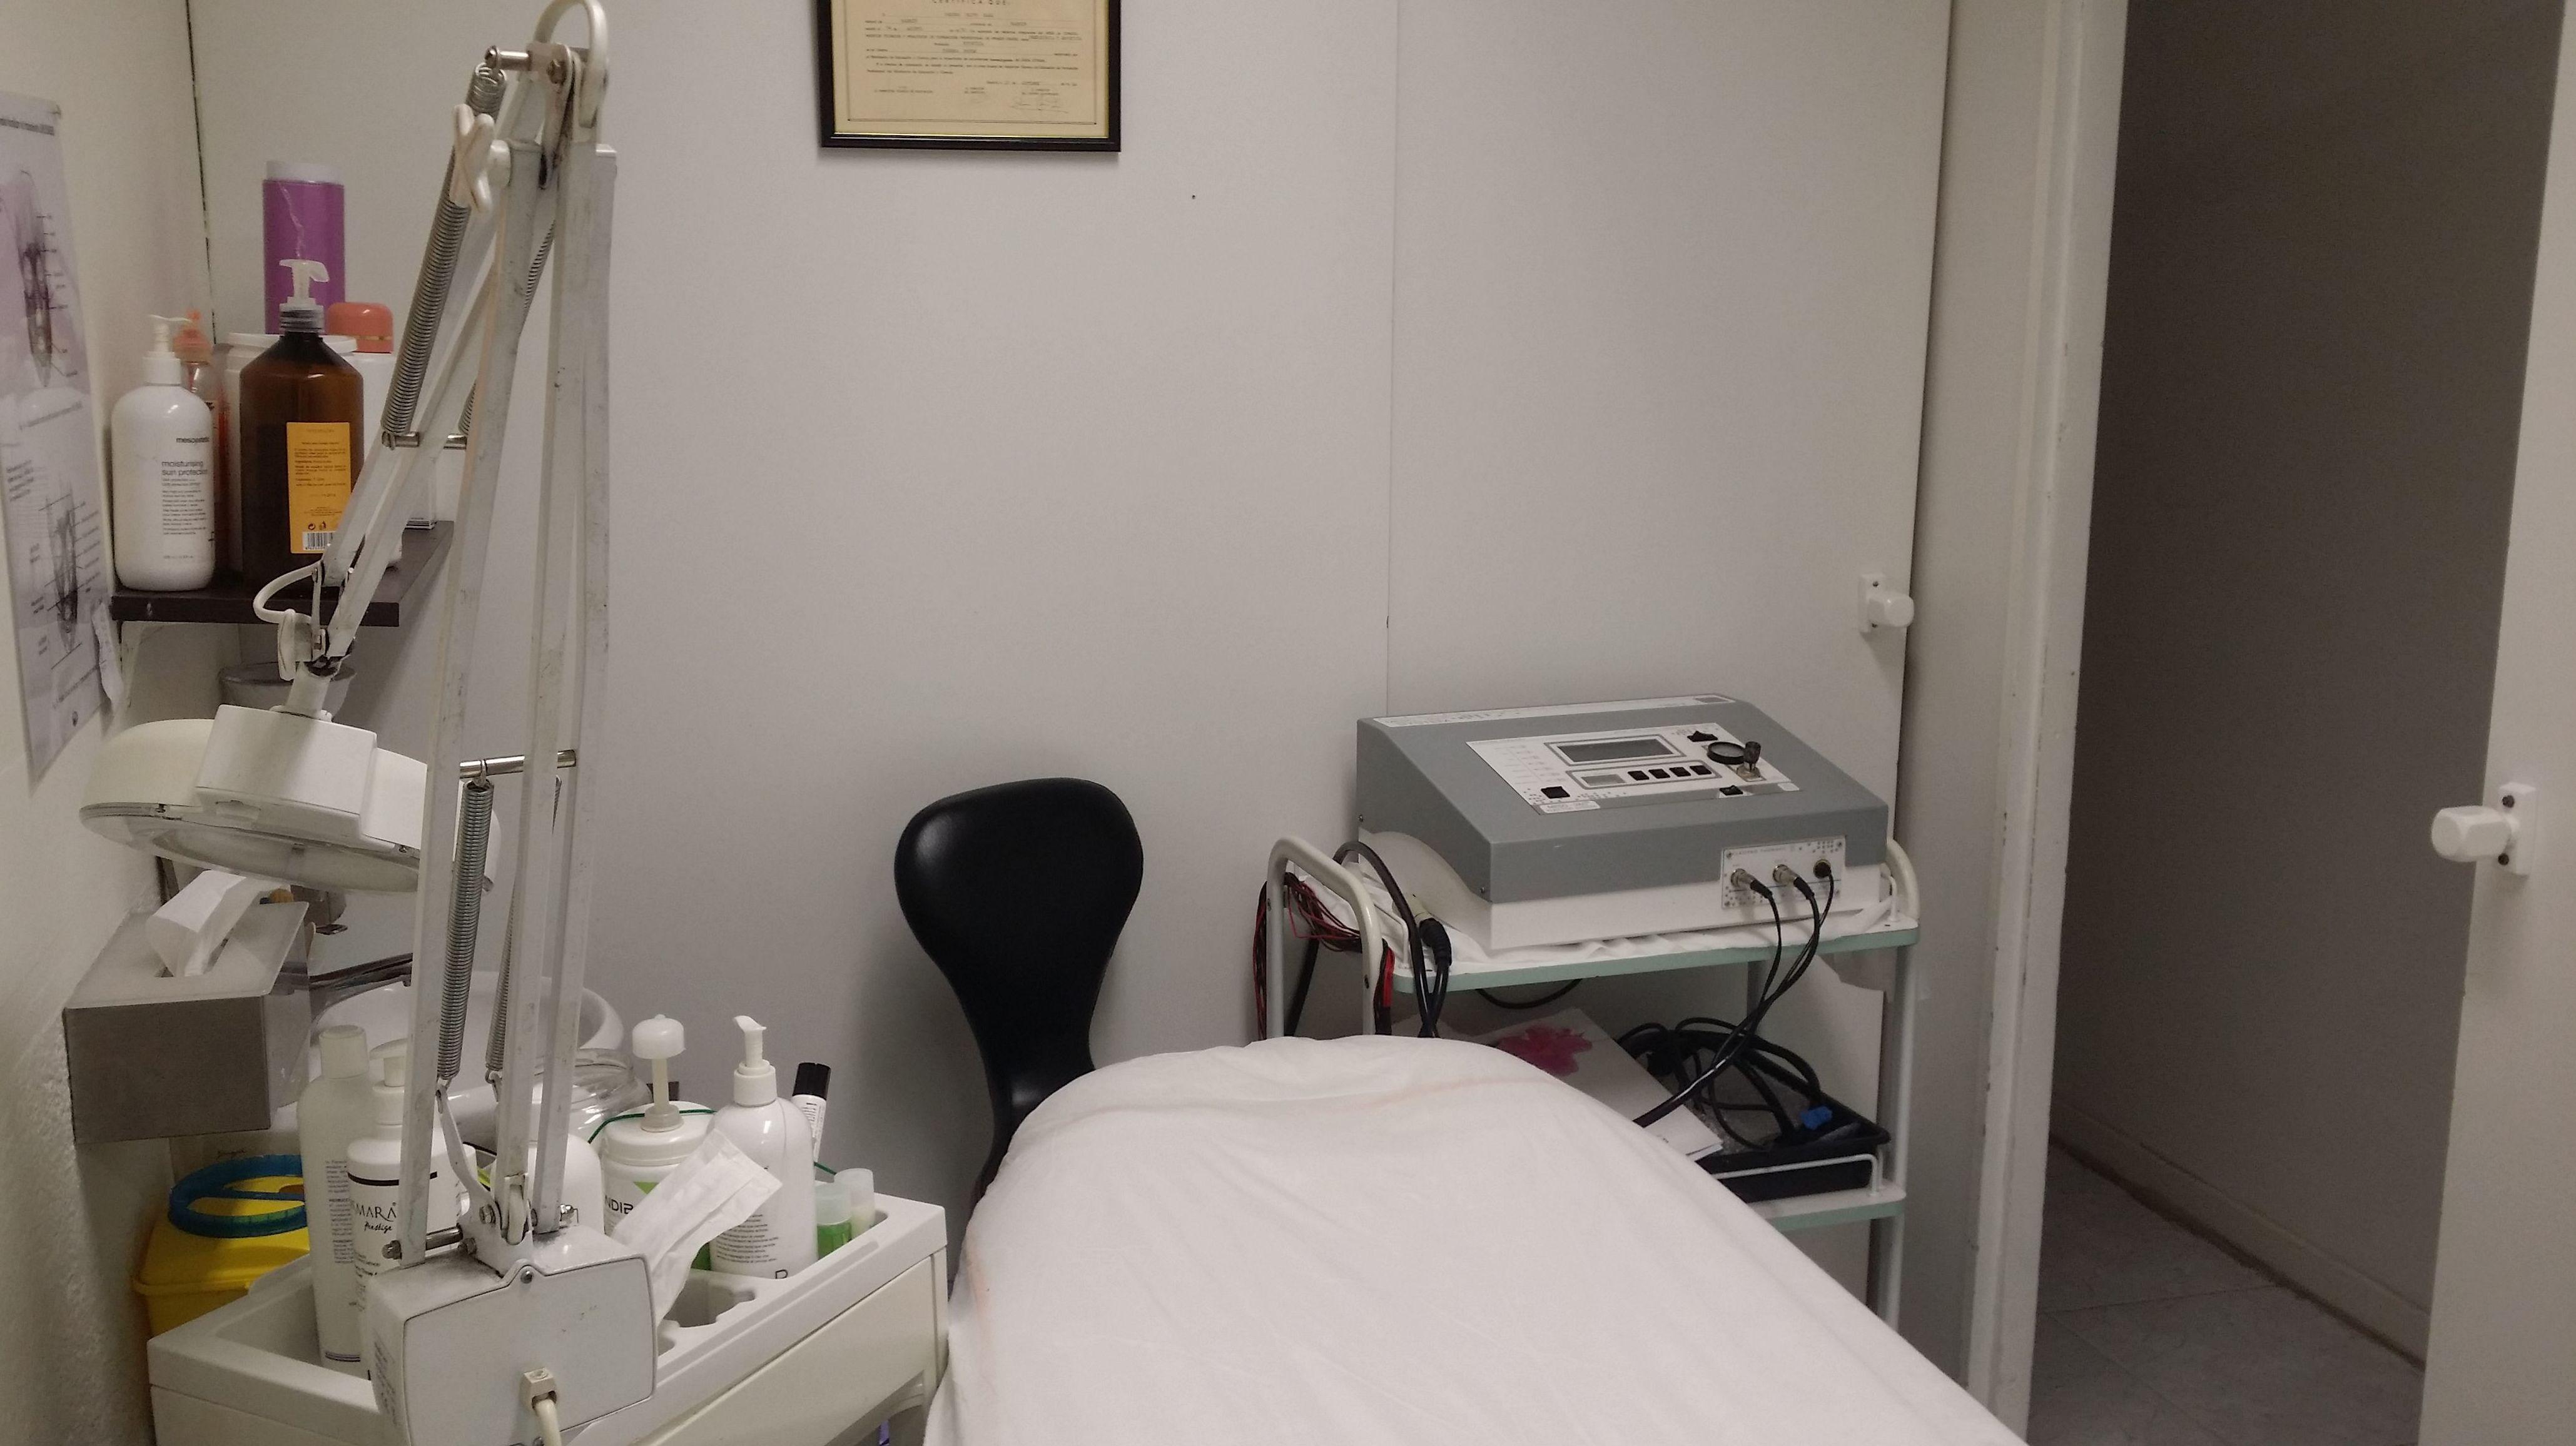 Centro con aparotología estética, tratamiento de células madre...